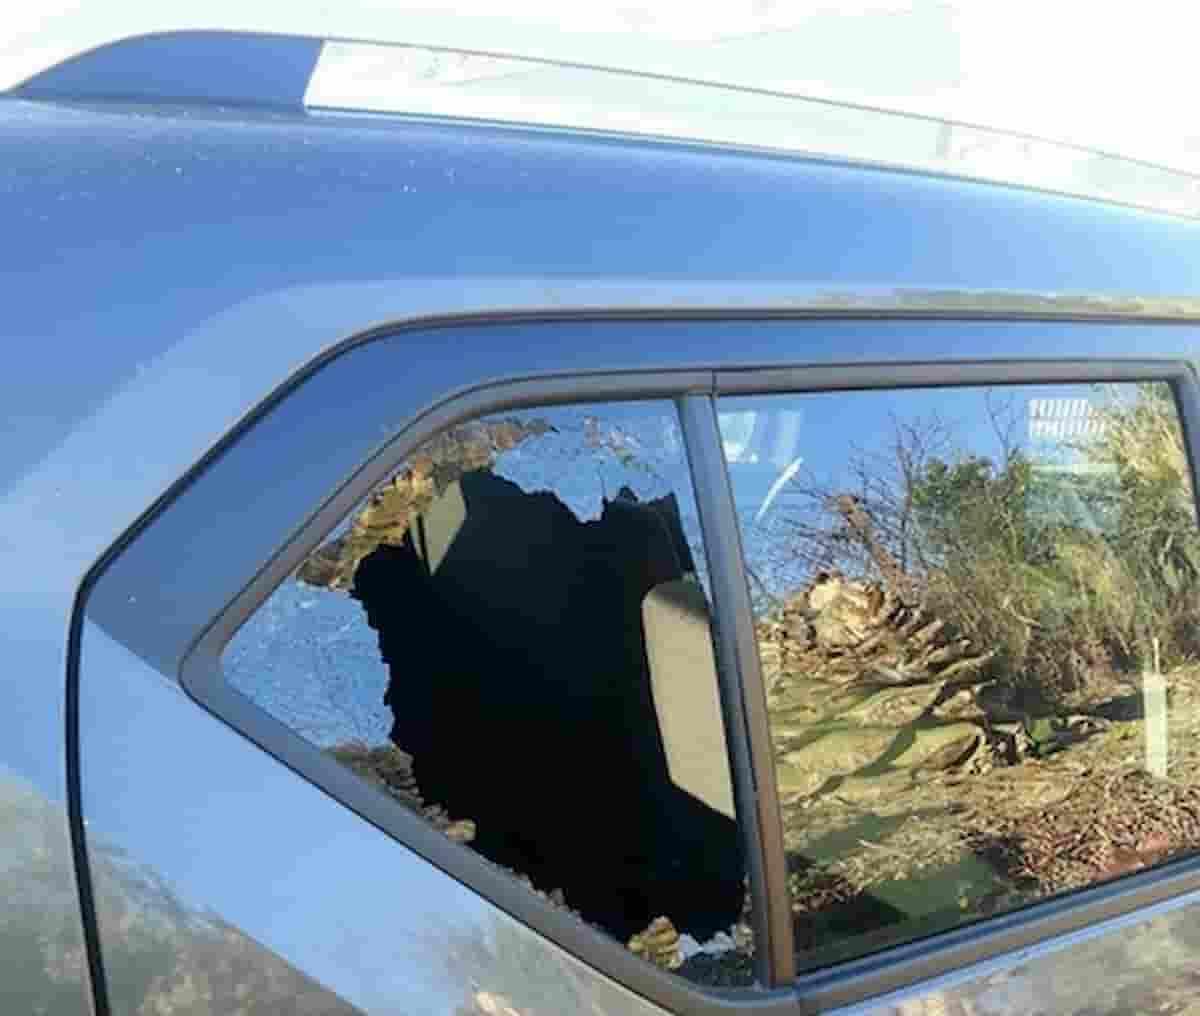 Porta di Roma, auto distrutte nel parcheggio in via Wanda Osiris